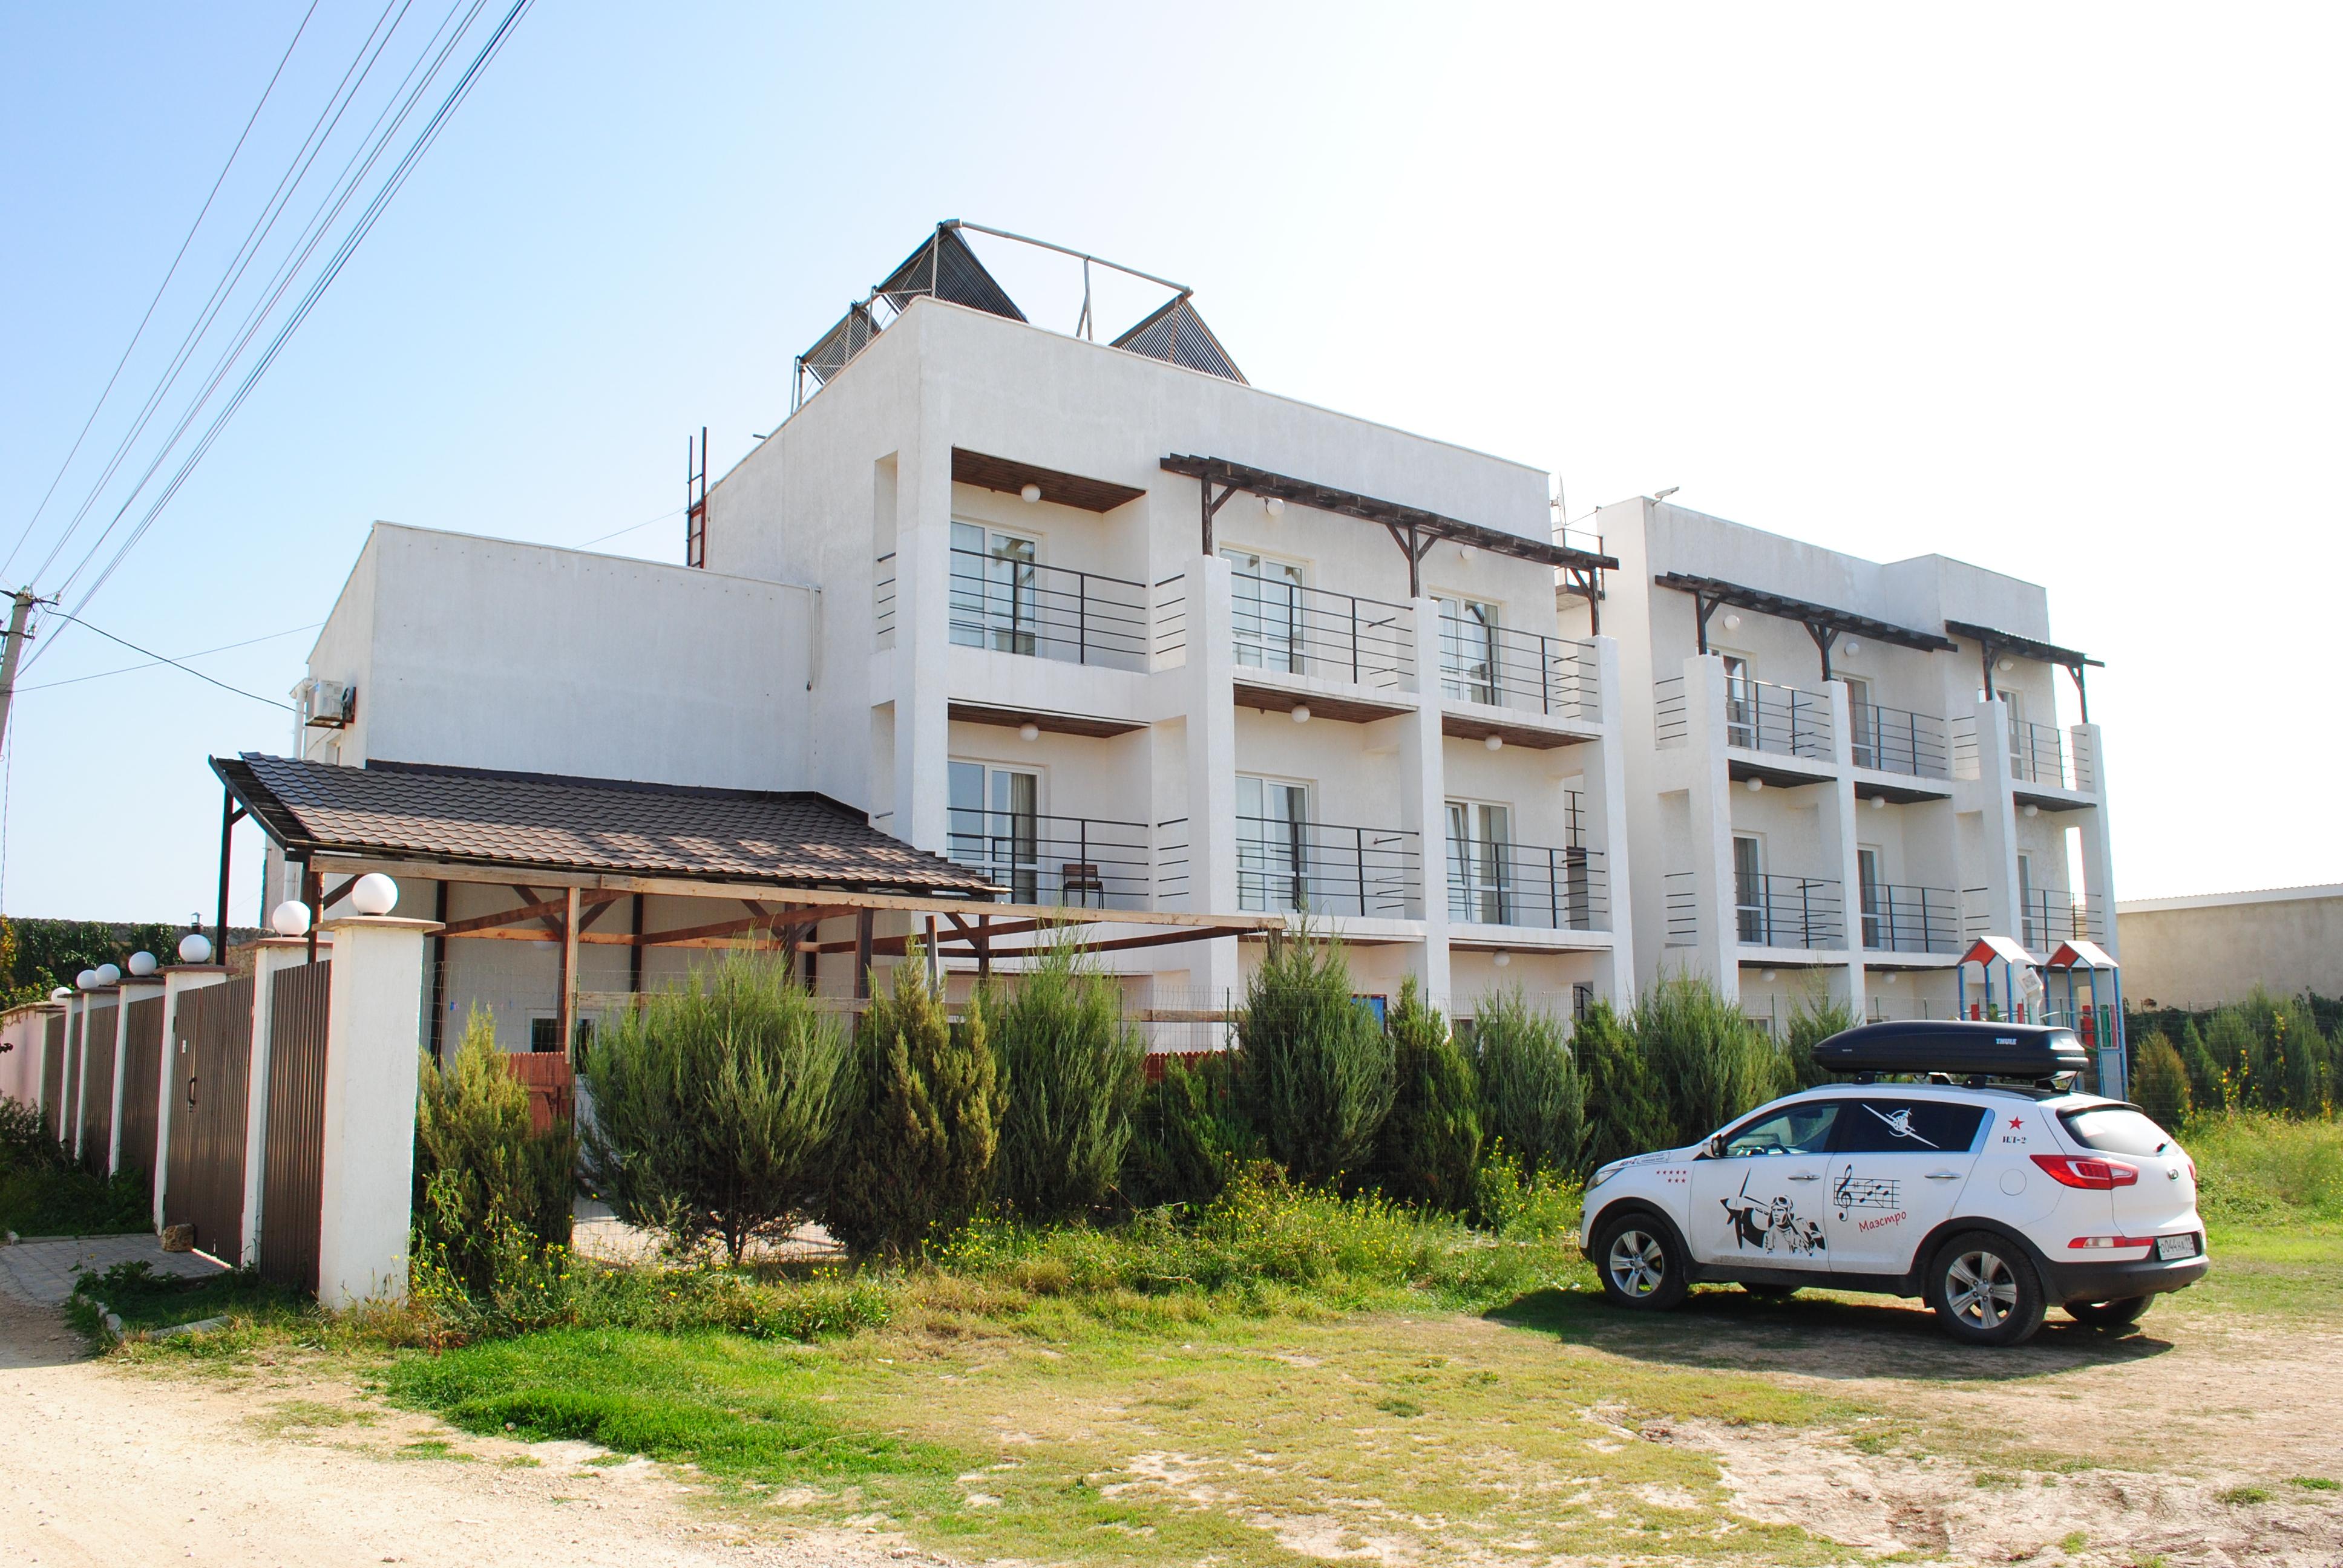 Отель Пират (пгт.Заозерное | Крым)